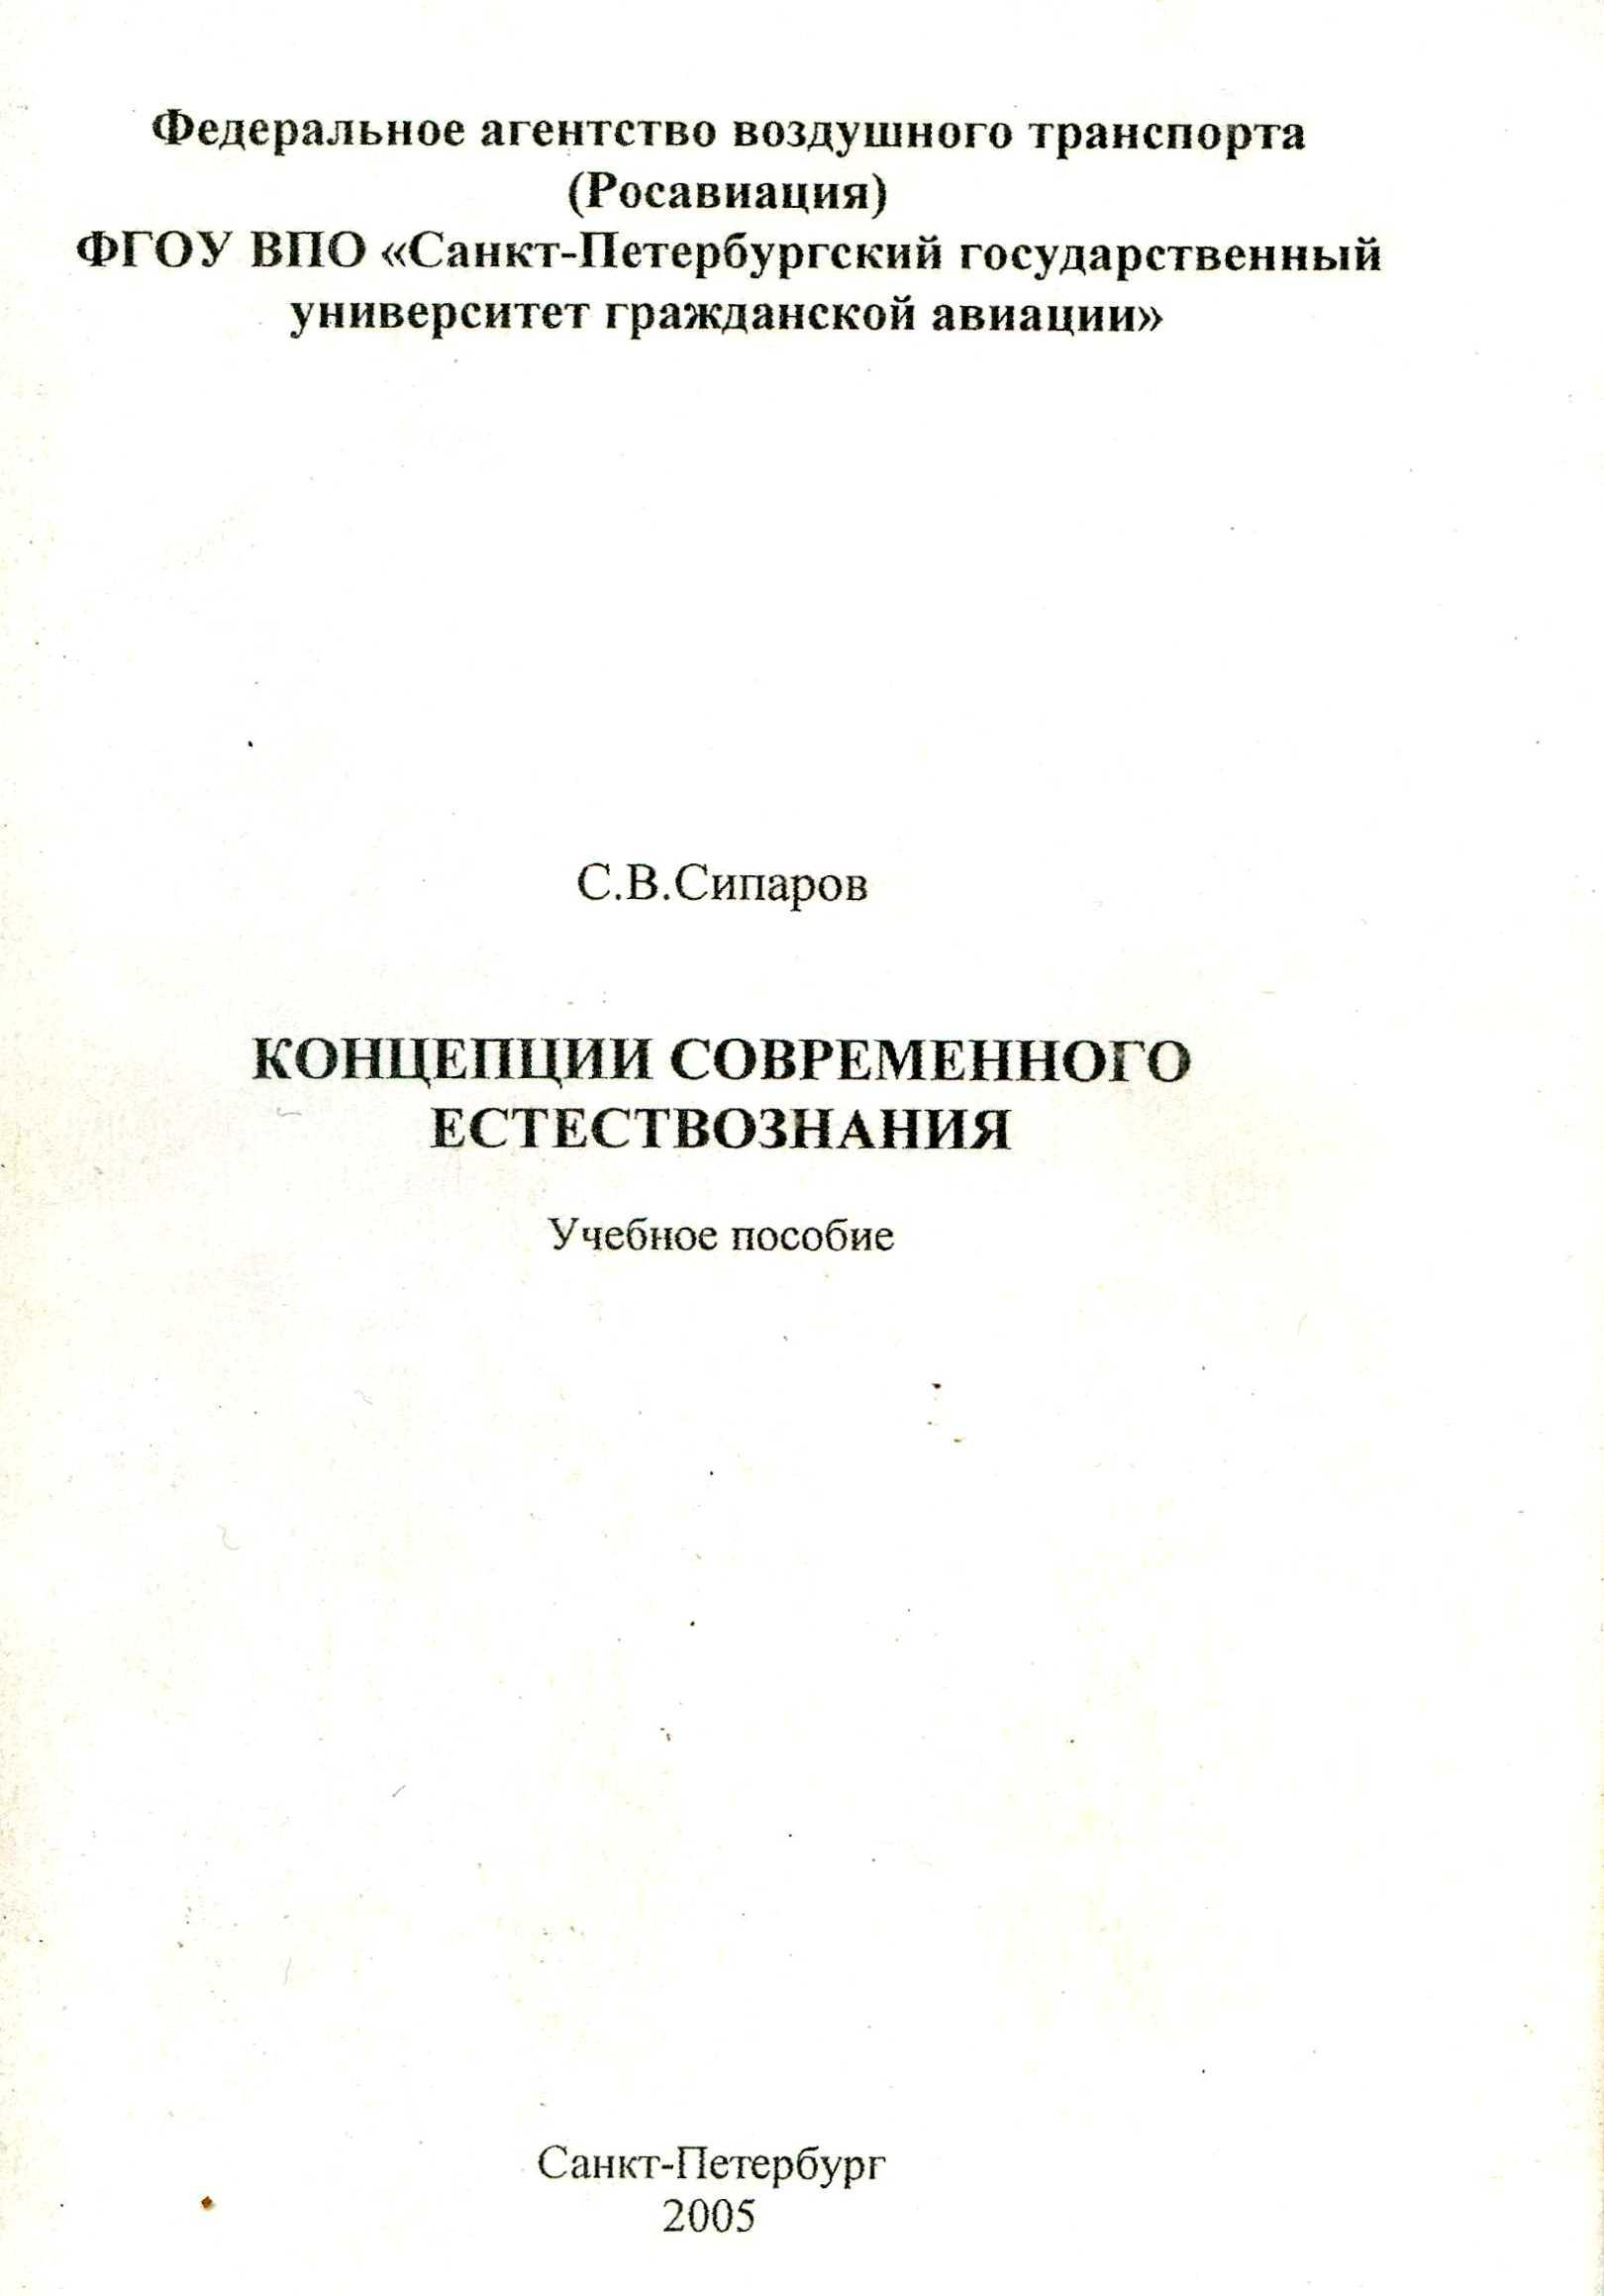 С. Сипаров. Концепции современного естествознания.